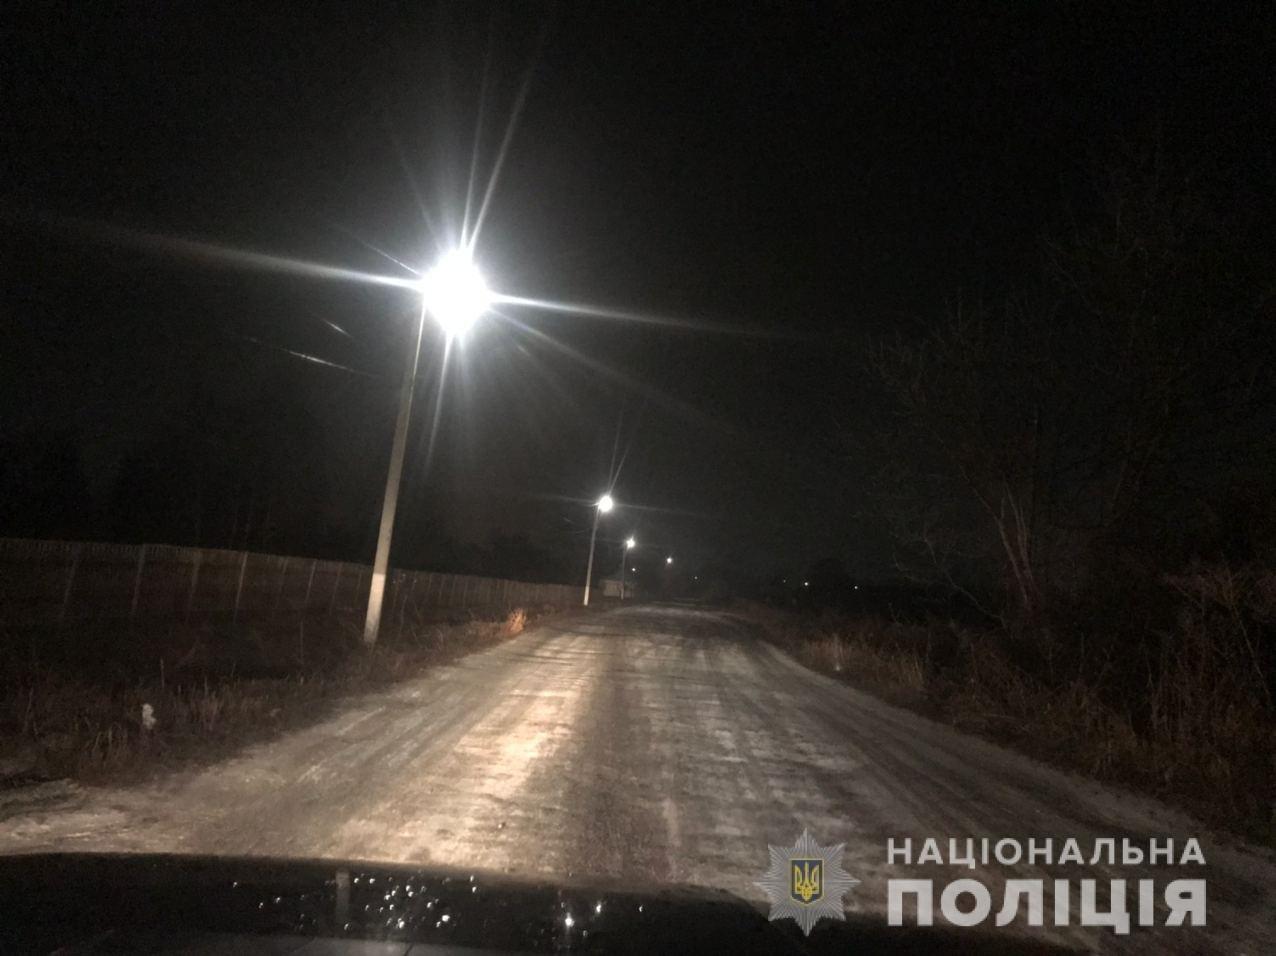 Гололед в Харьковской области. За сутки произошло более сотни ДТП с несколькими пострадавшими, - ФОТО, фото-1